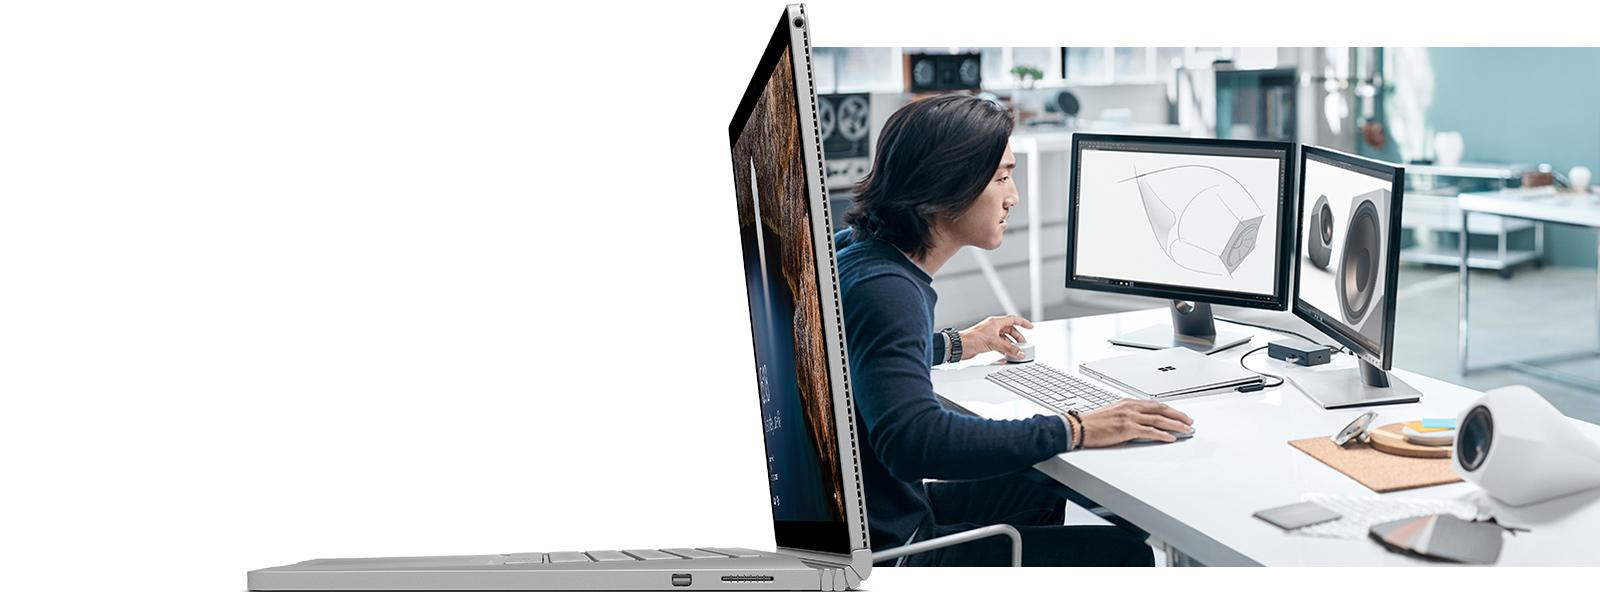 男性在桌前,使用連接鍵盤、滑鼠及兩台外接螢幕的 Surface Book 工作